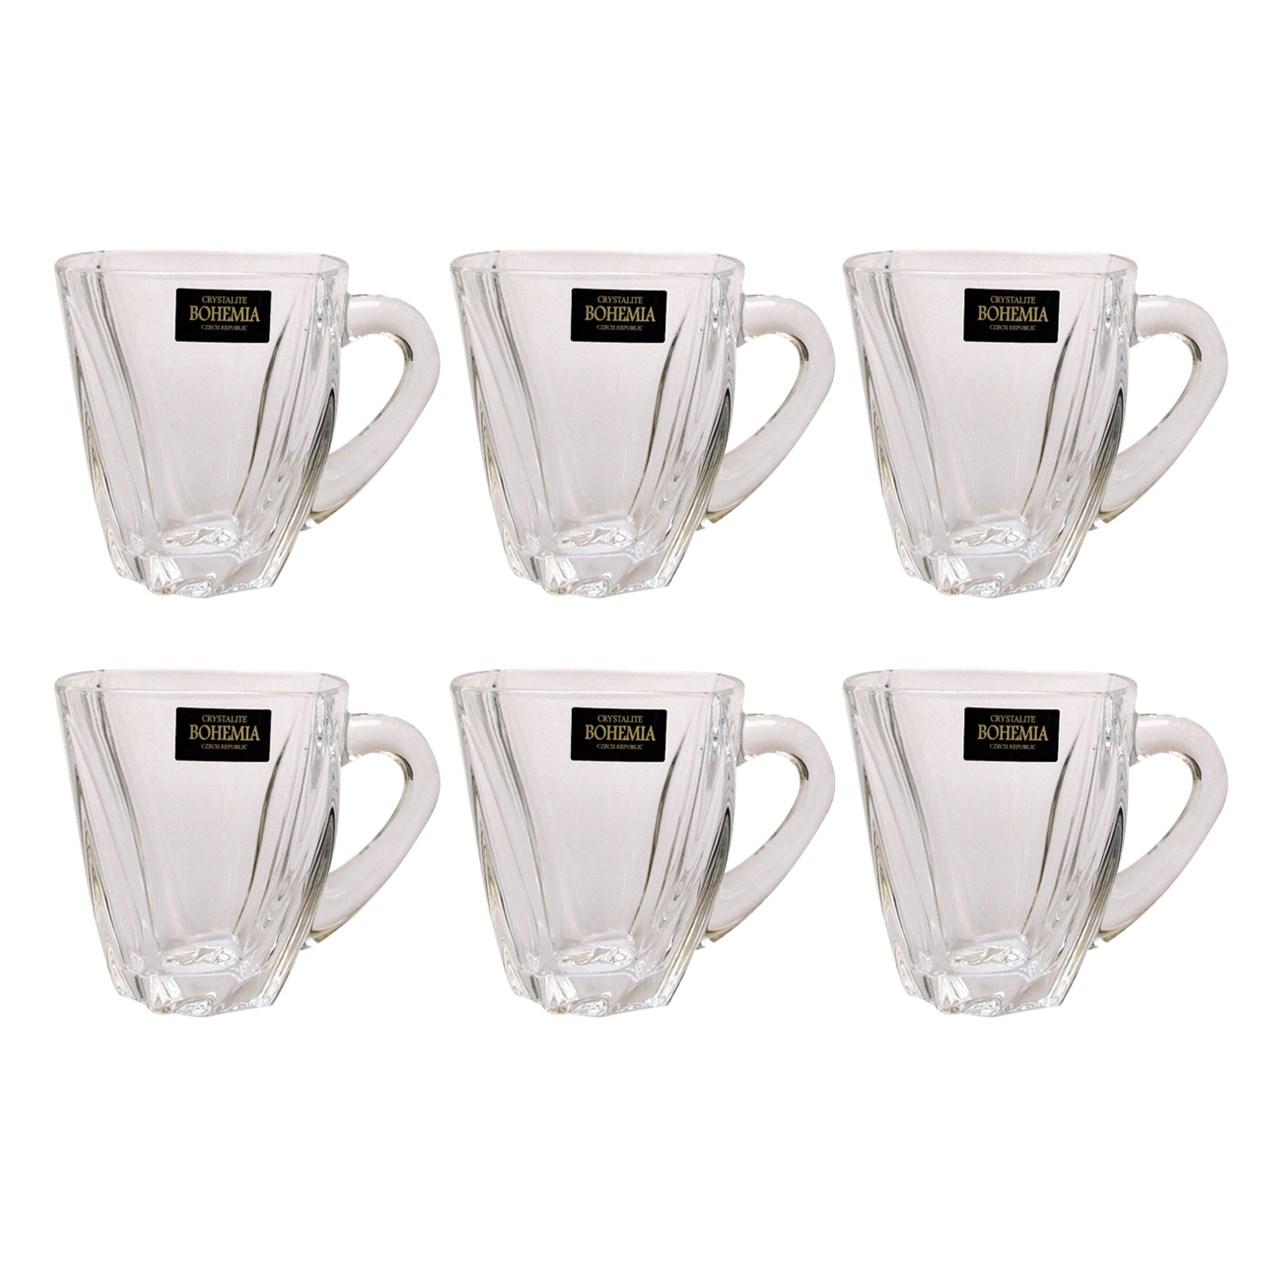 فنجان بوهمیا کد 1726 بسته 6 عددی